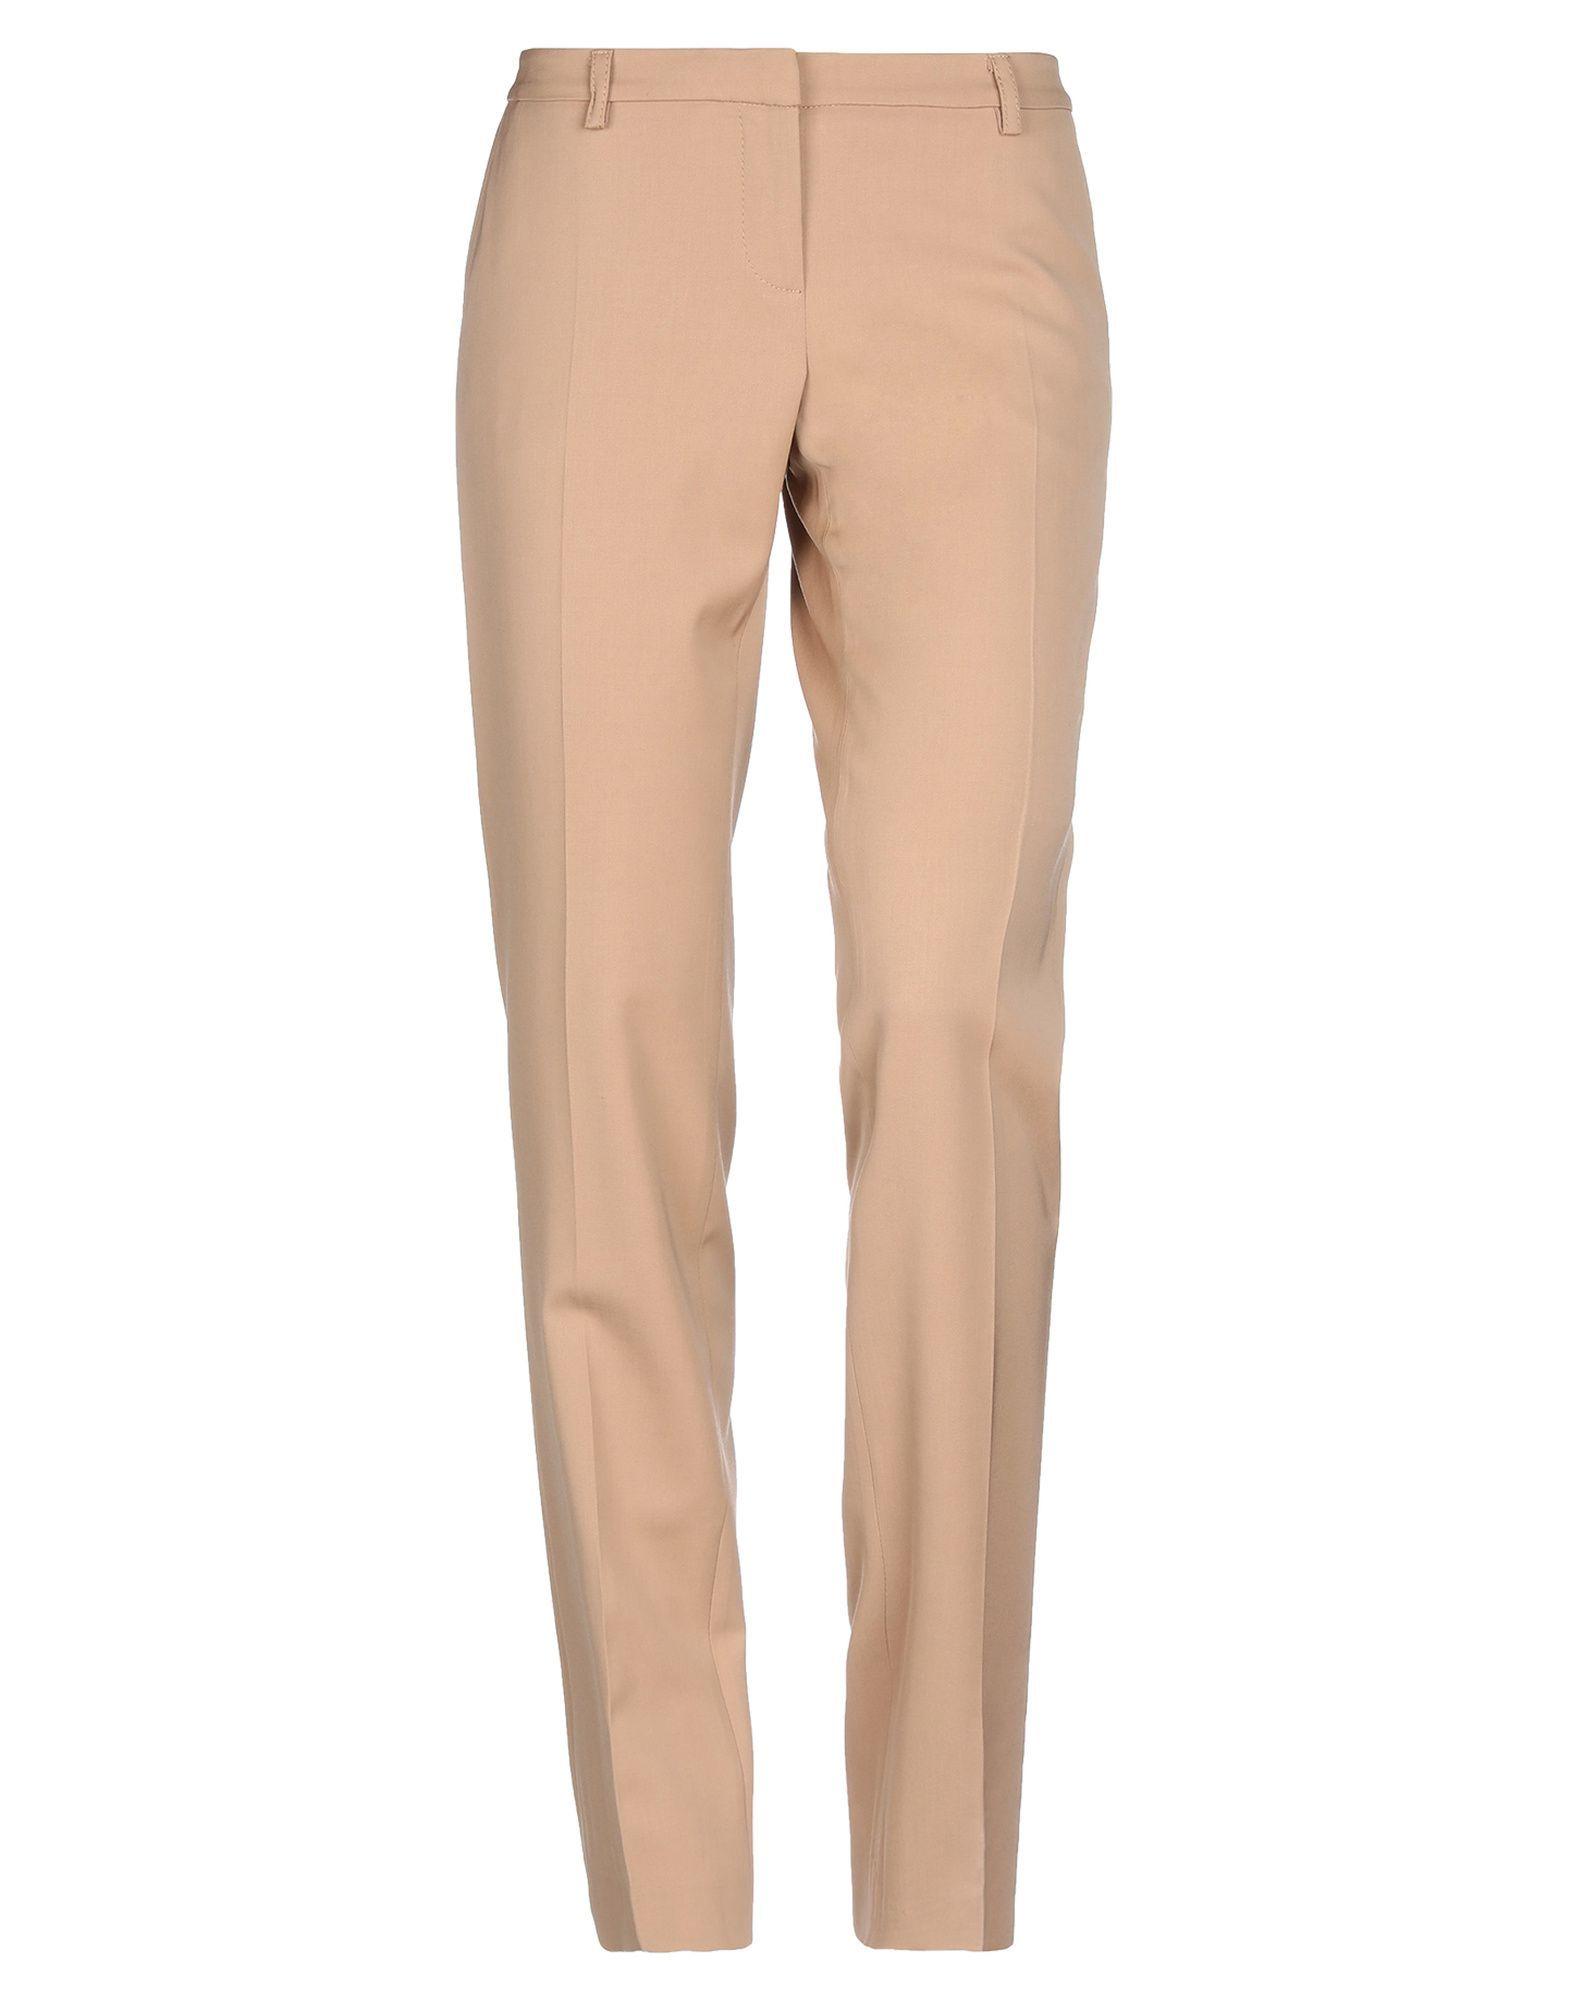 Trousers Shi 4 Camel Women's Virgin Wool